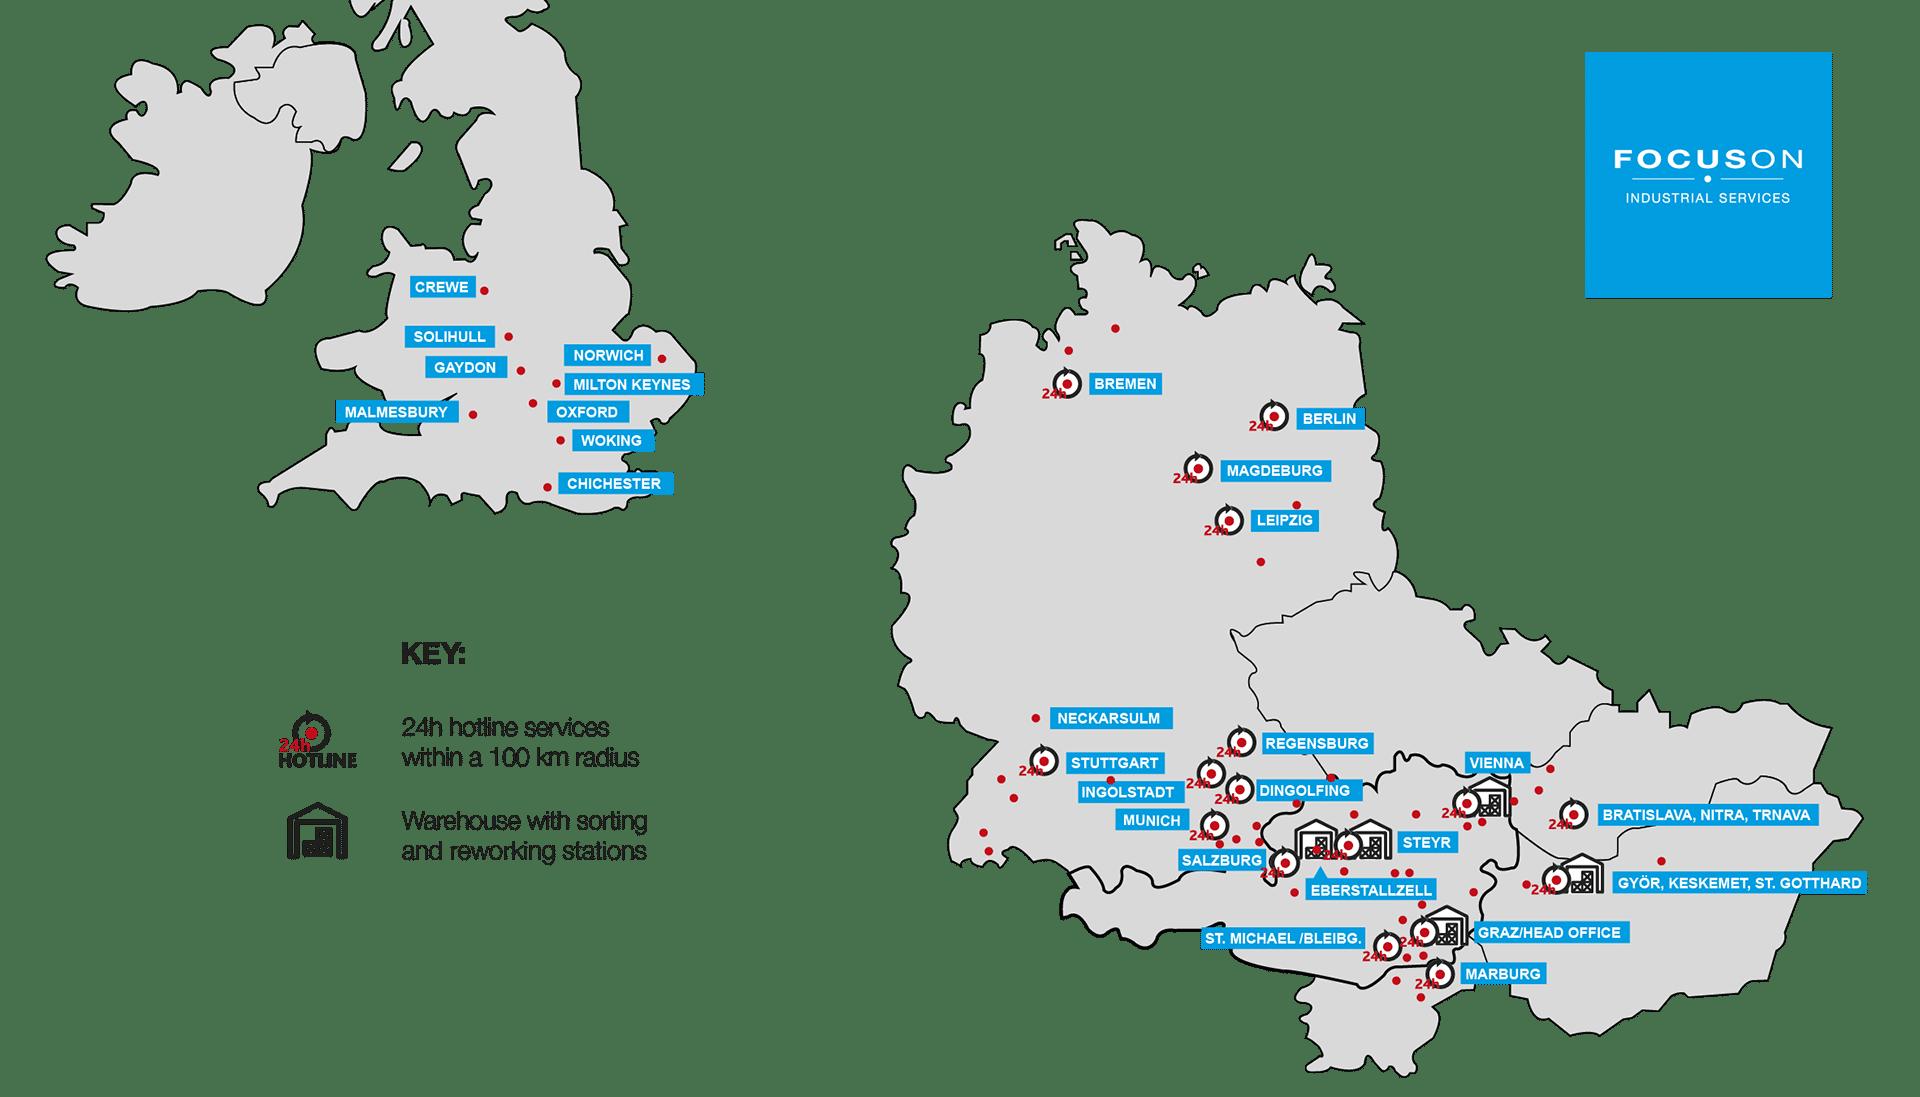 Landkarte-en-01